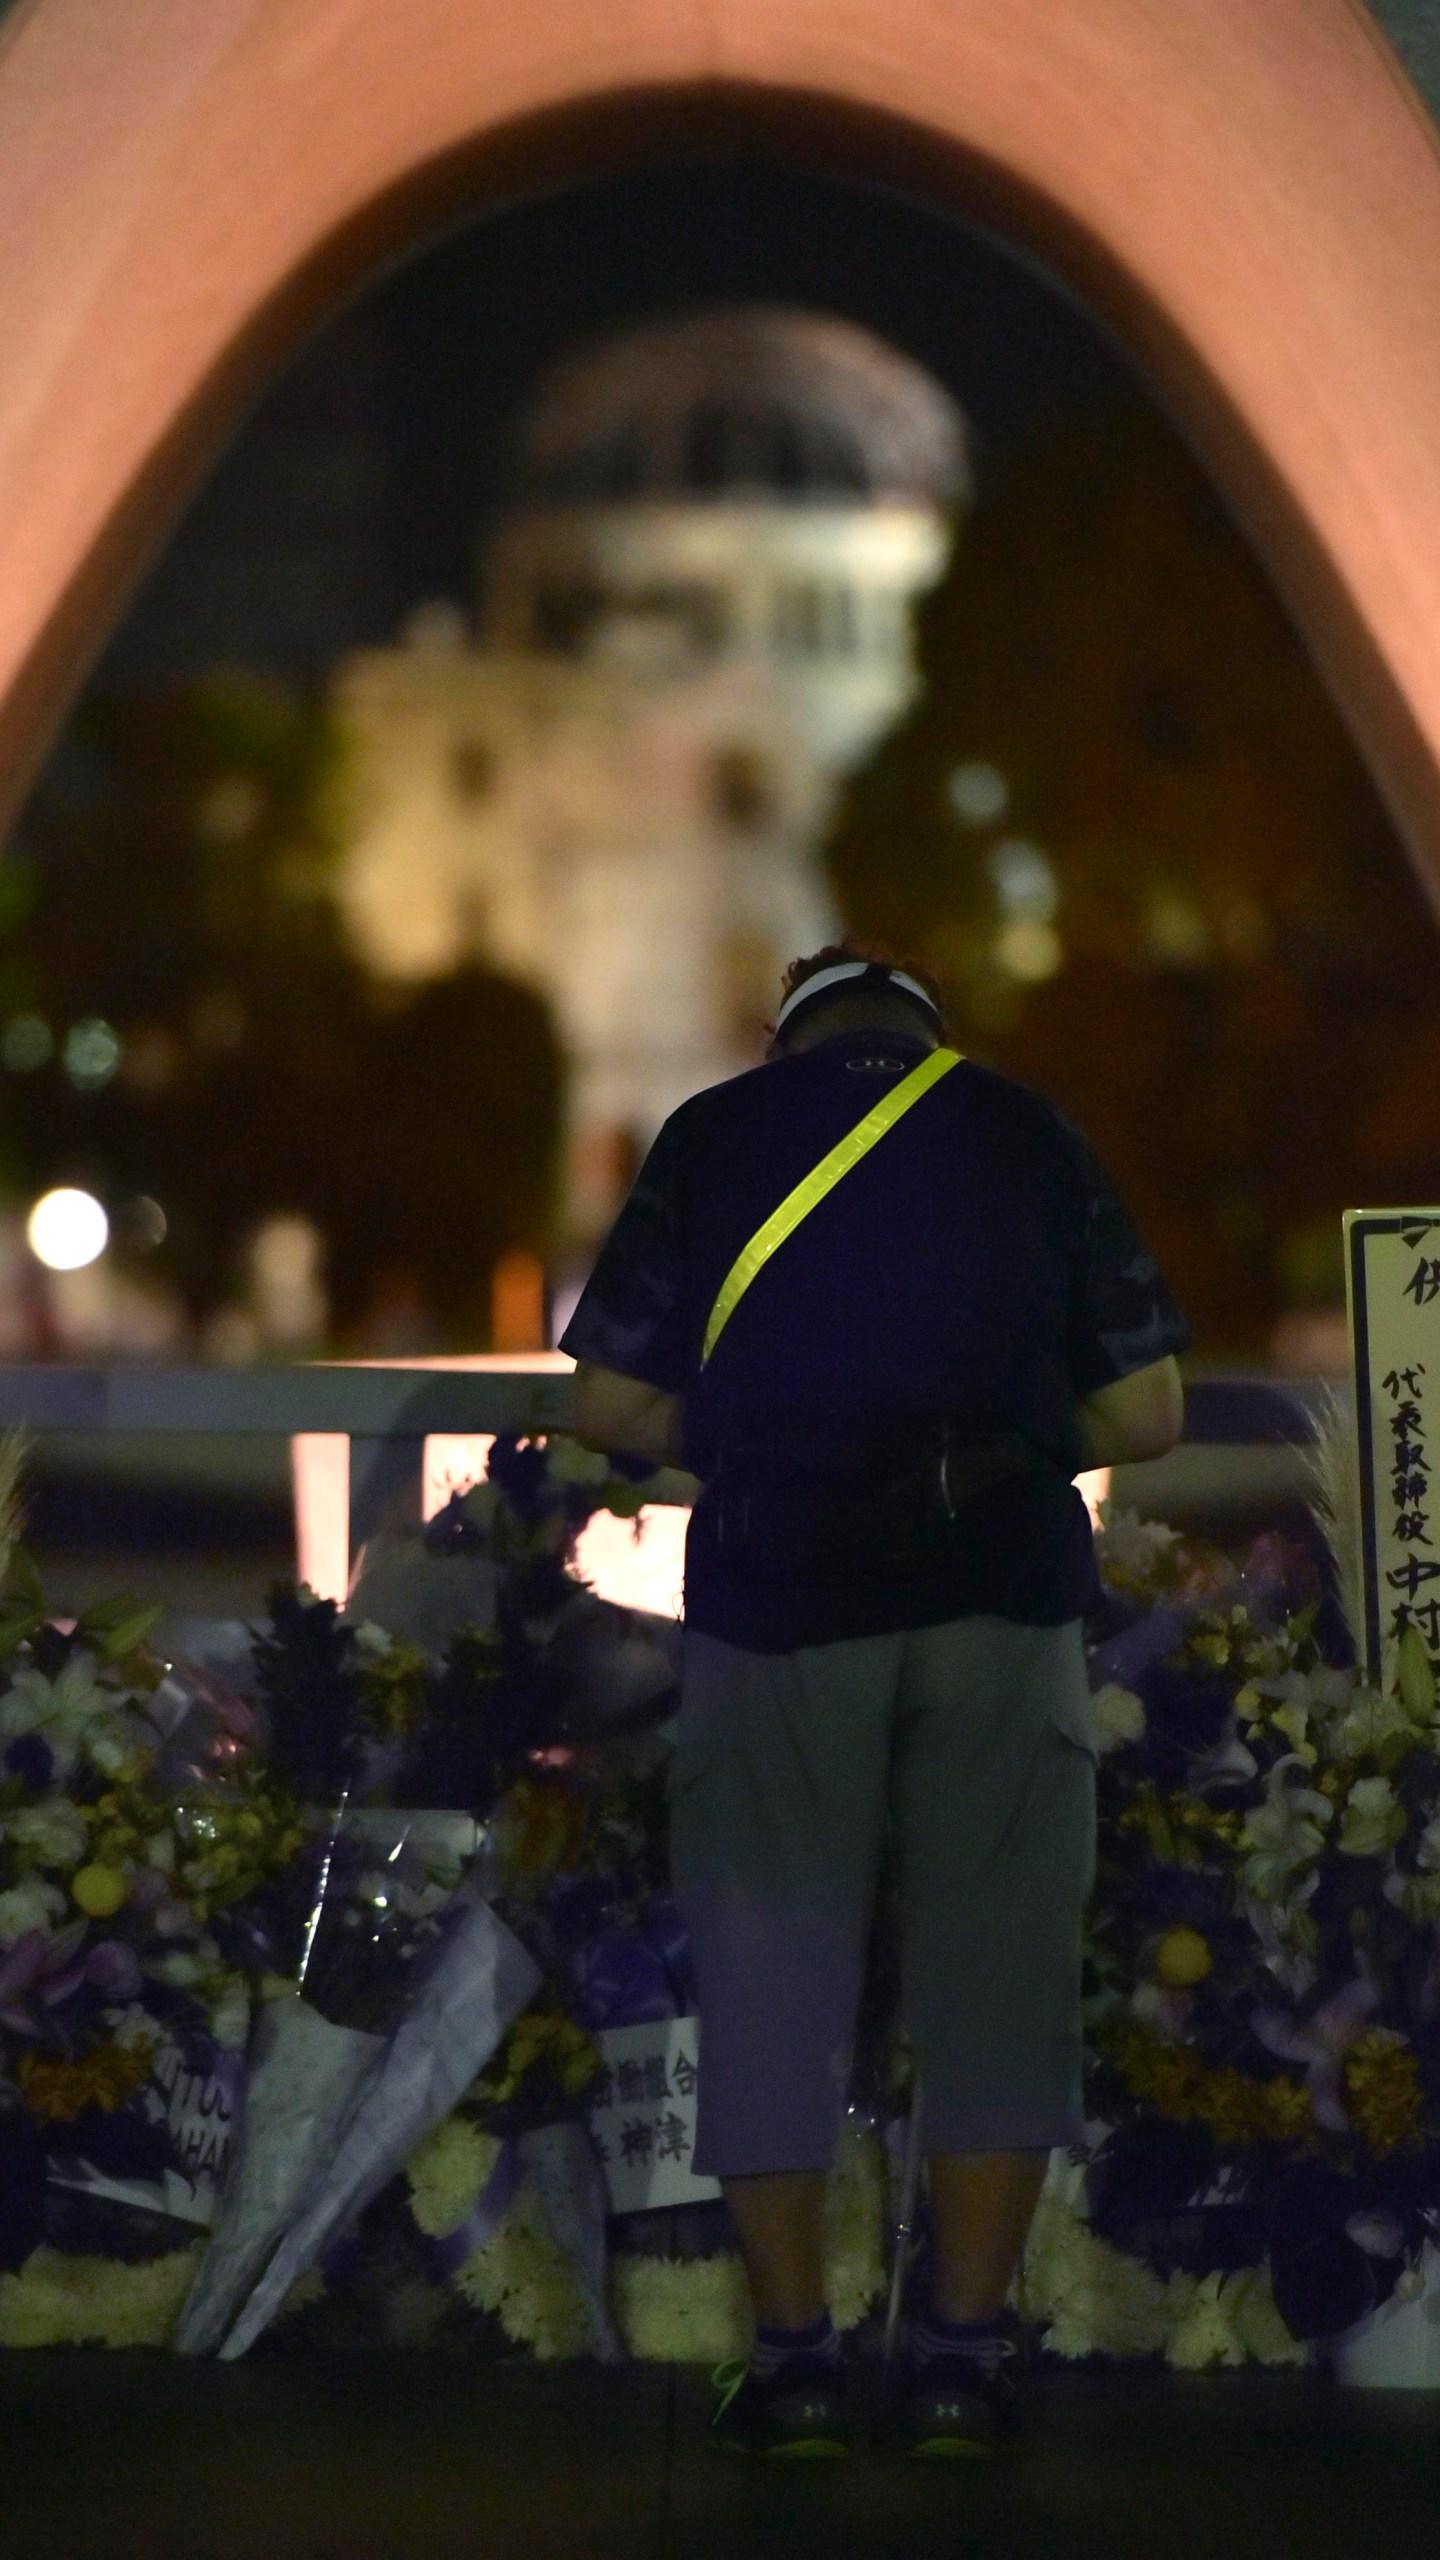 Japan_Hiroshima_45626-159532.jpg71660446